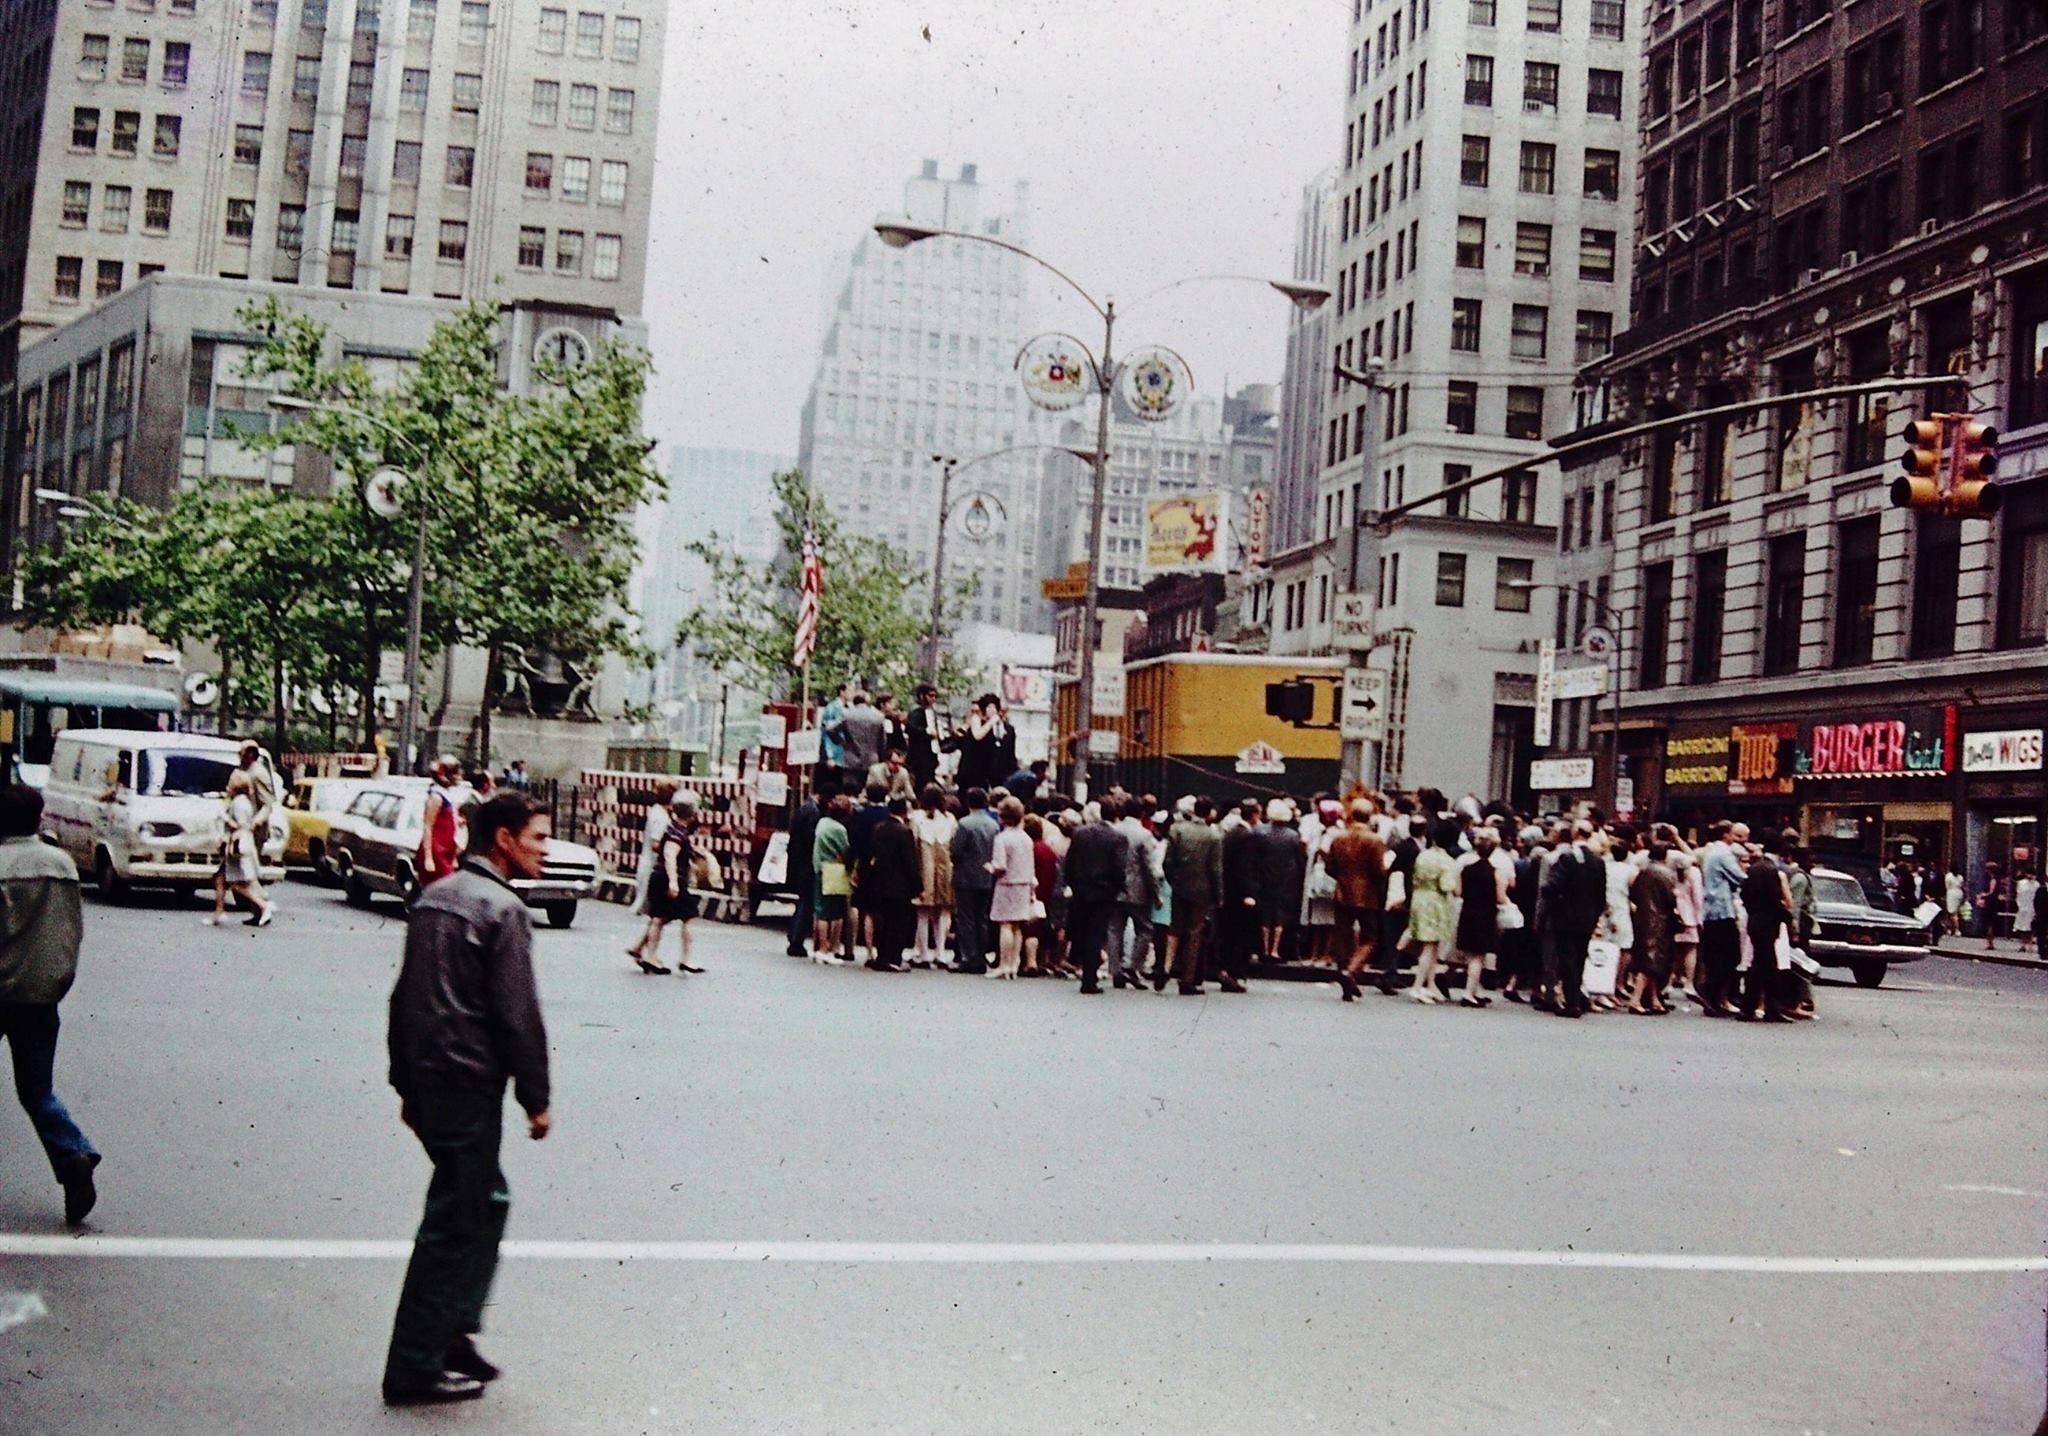 Pin By Bo Ro On Atabbins Vee Street Scenes City Streets New York City